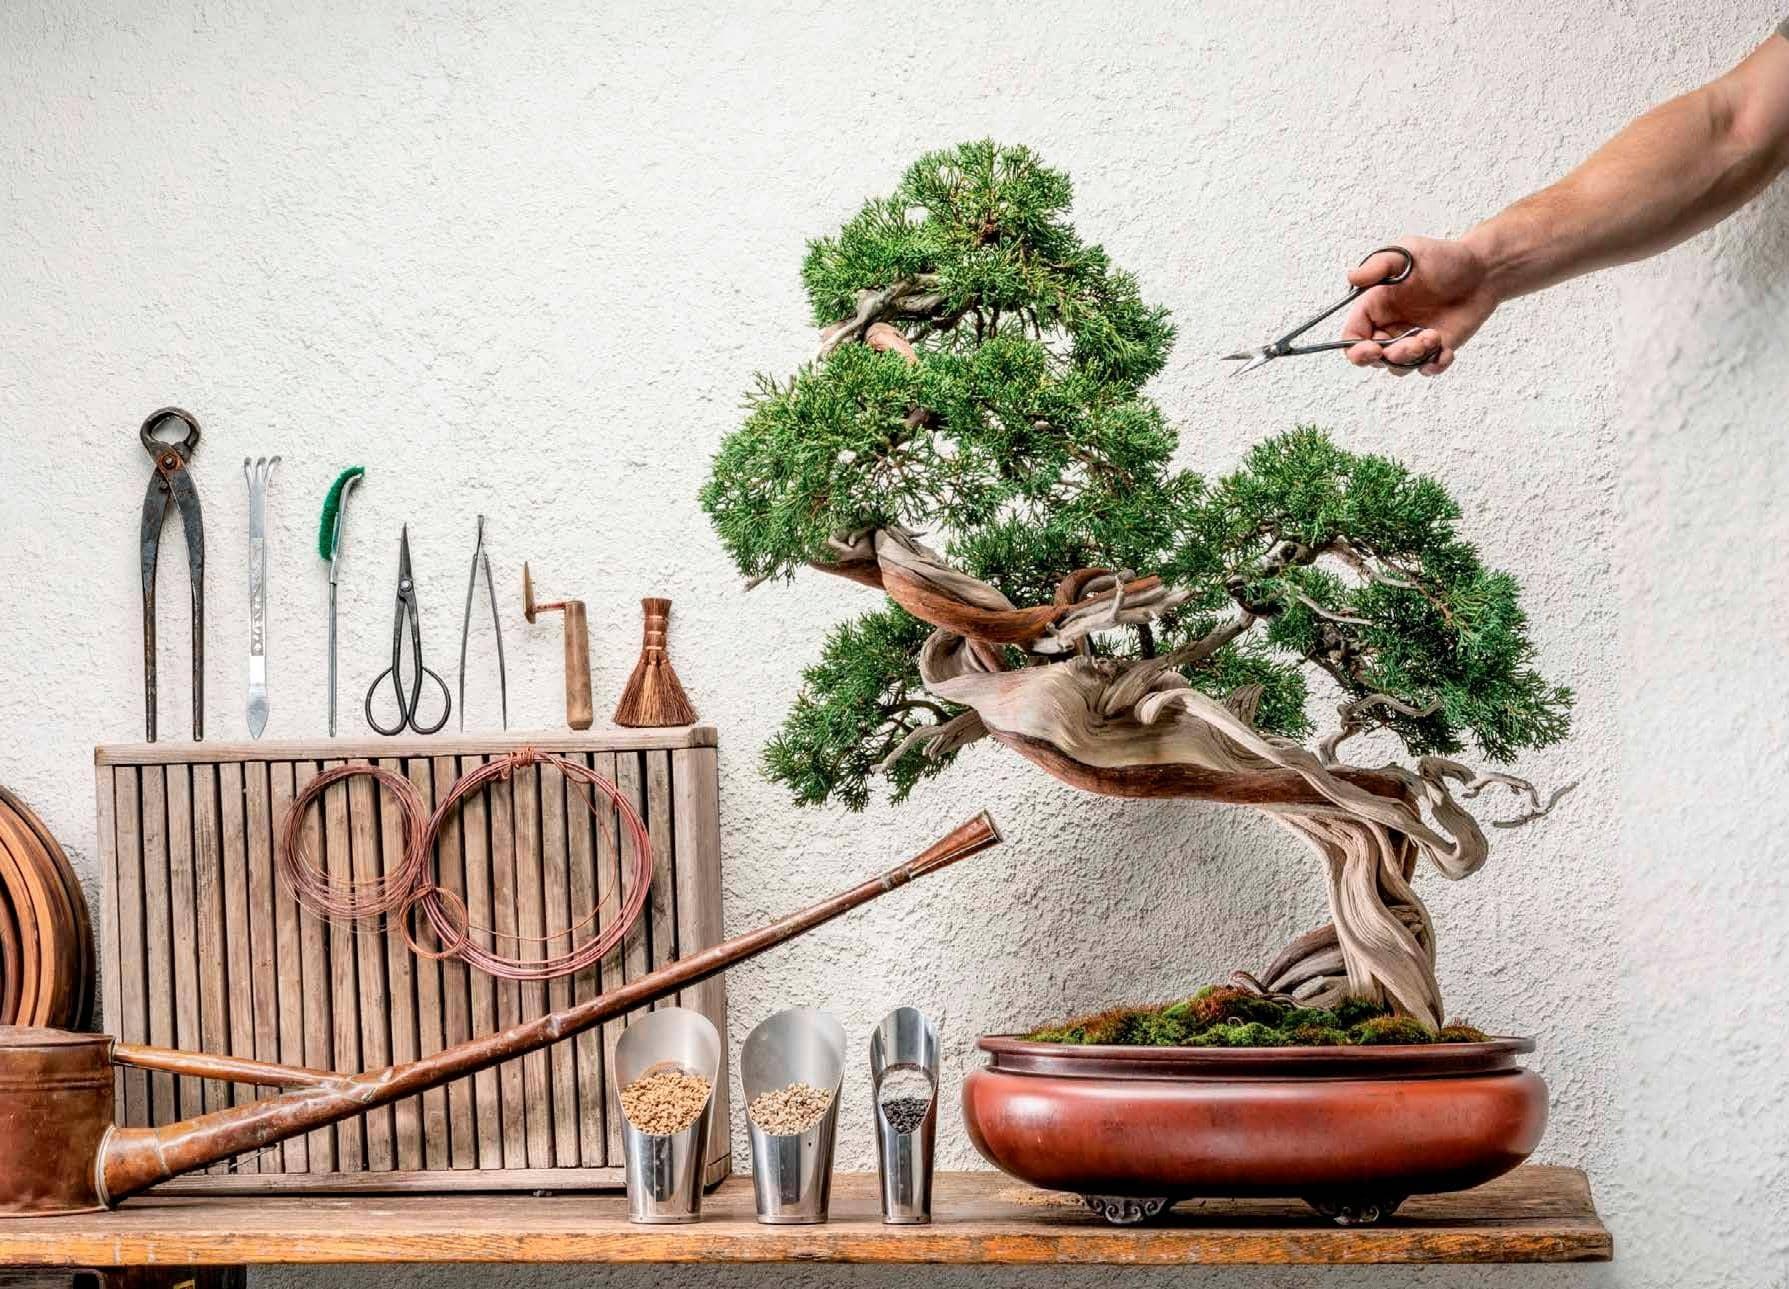 Herramientas pequeñas para árboles pequeños